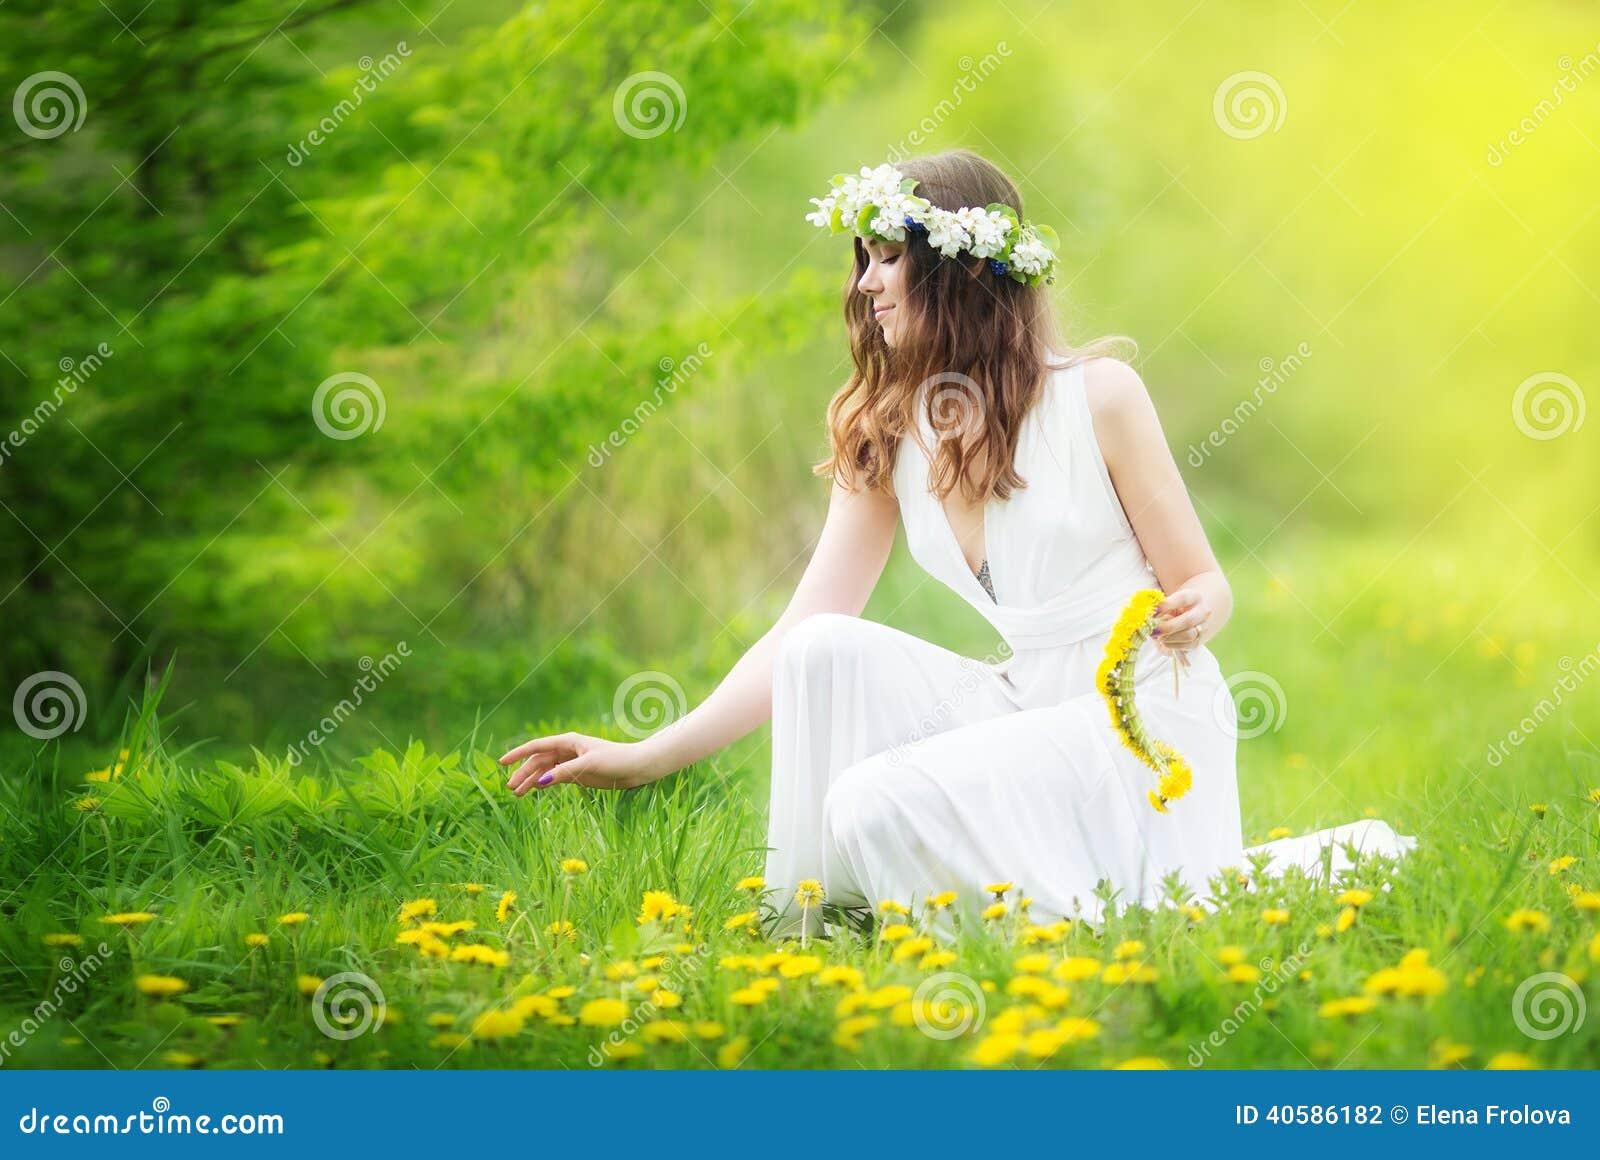 La imagen de la mujer bonita en un vestido blanco teje la guirnalda del dande